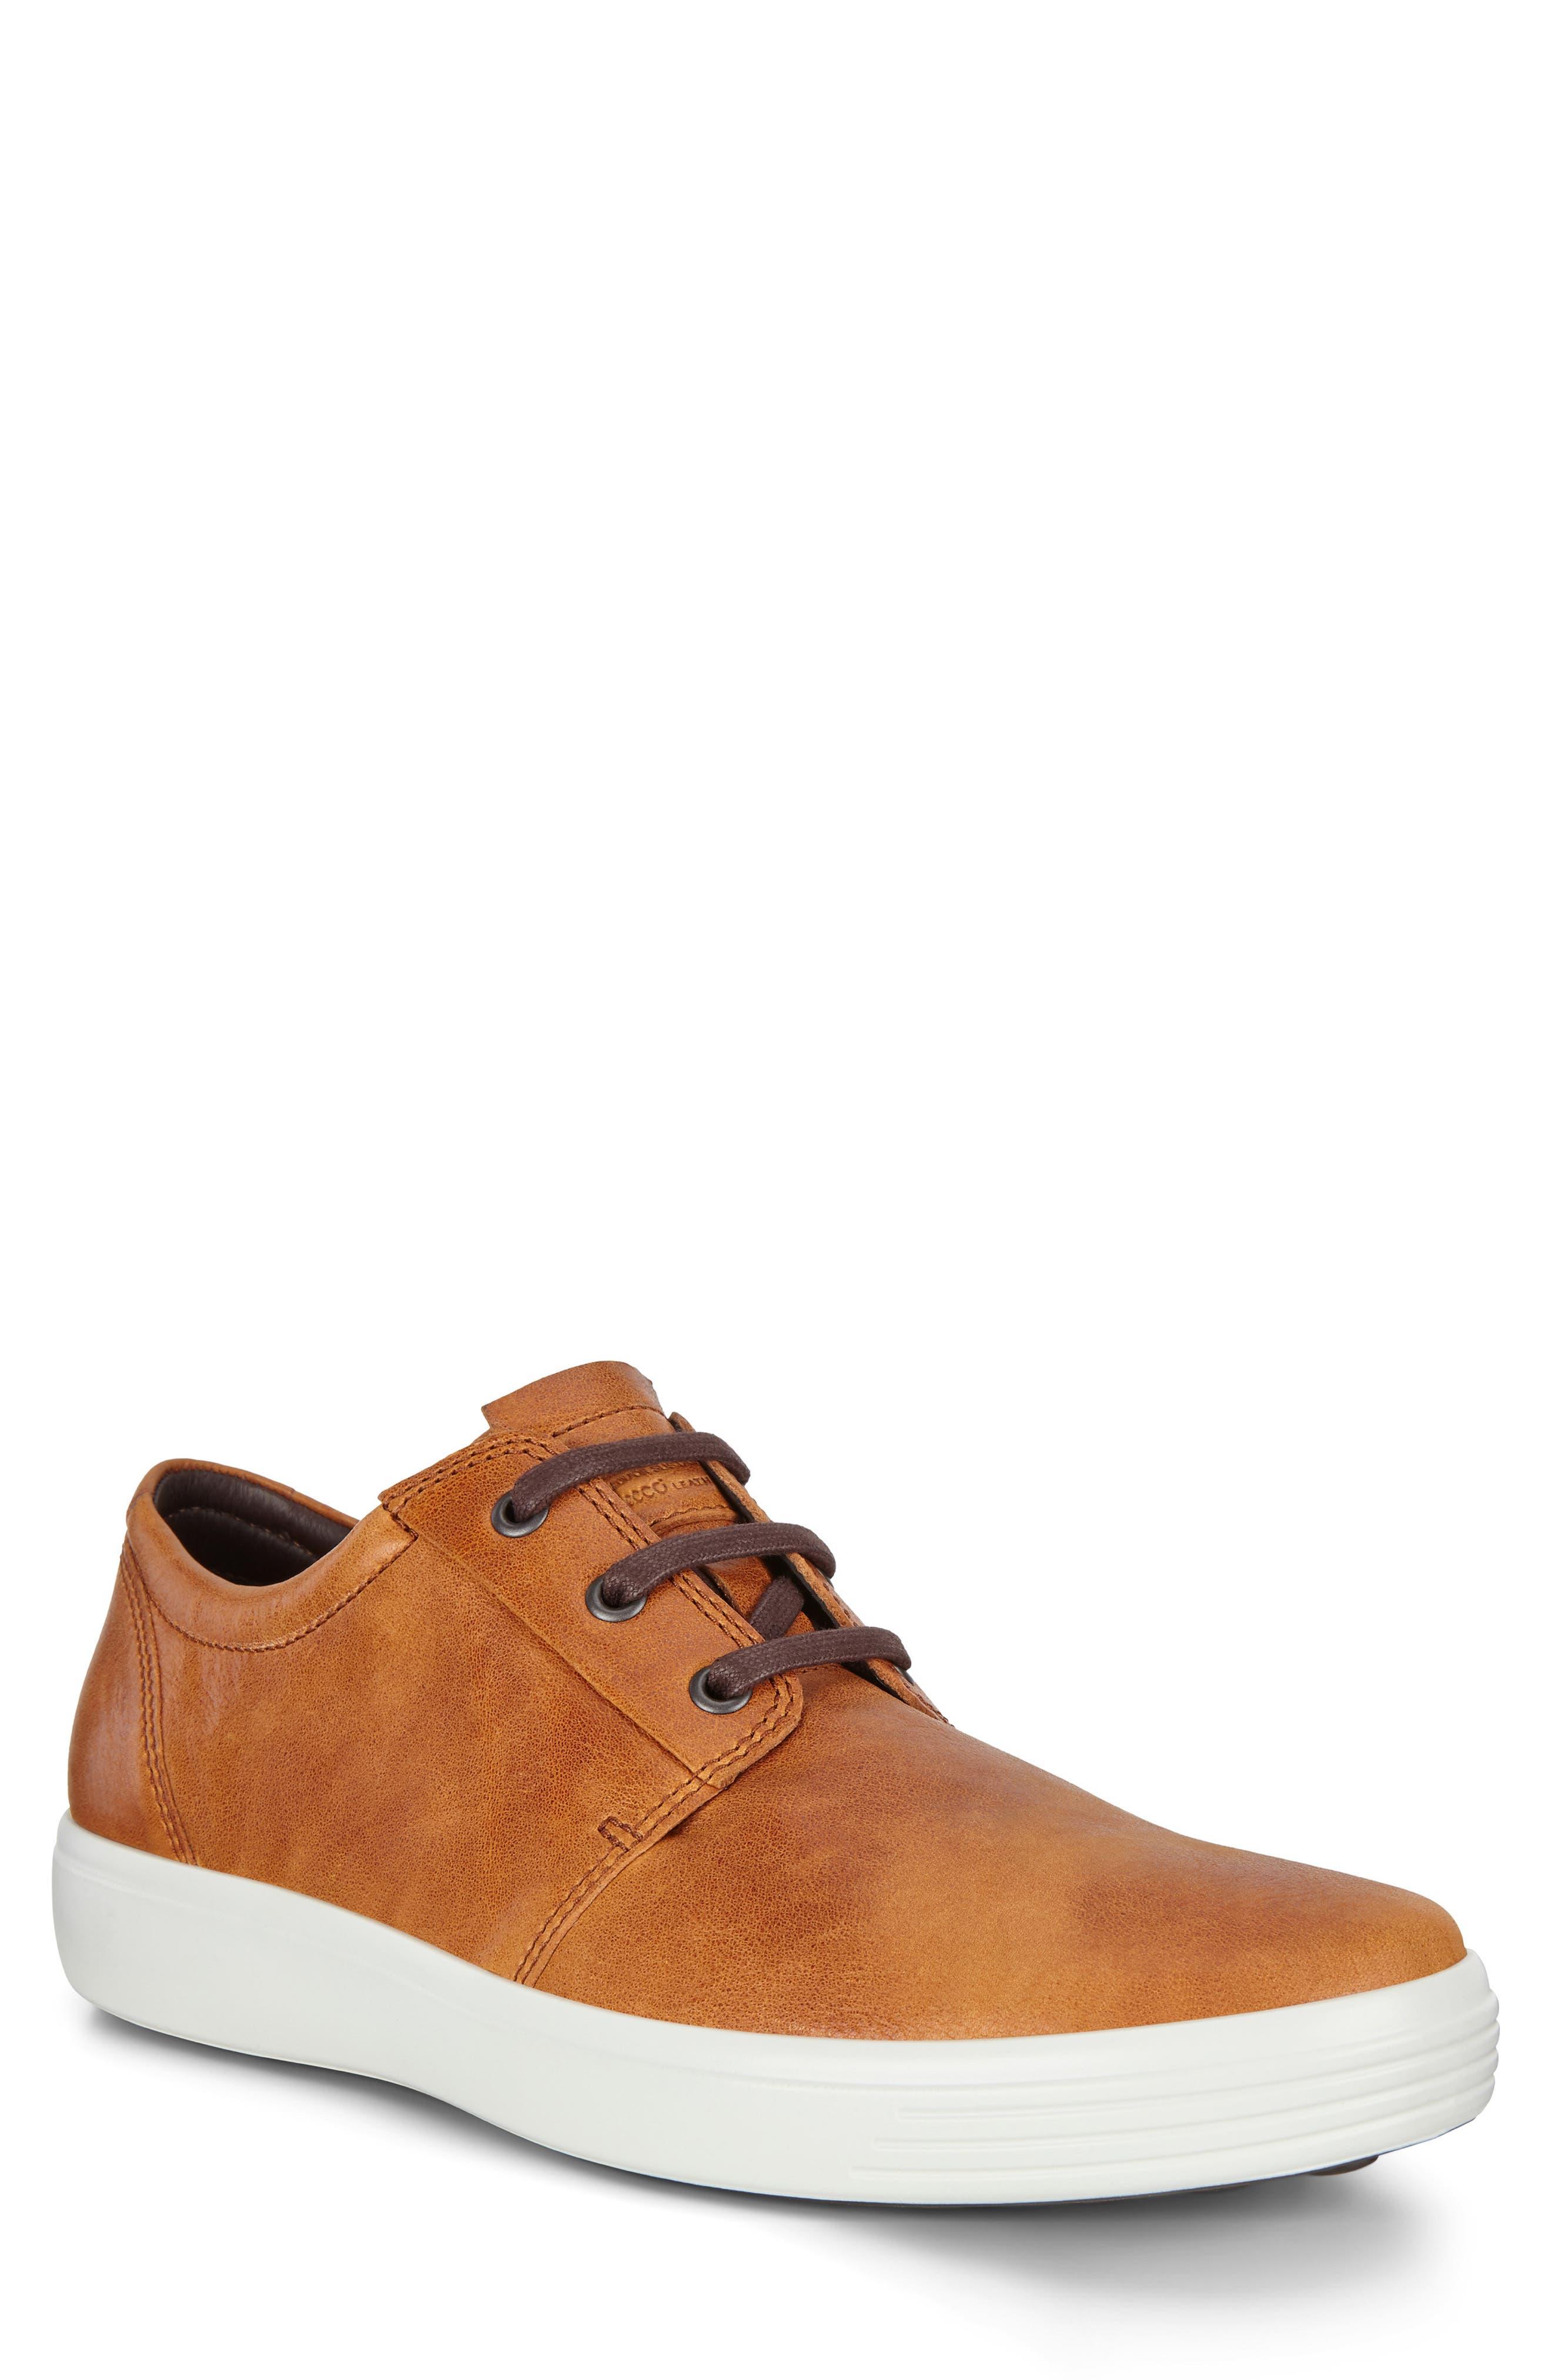 ECCO Men's Ecco Soft 7 Plain Toe Sneaker, Size 10-10.5US - Brown